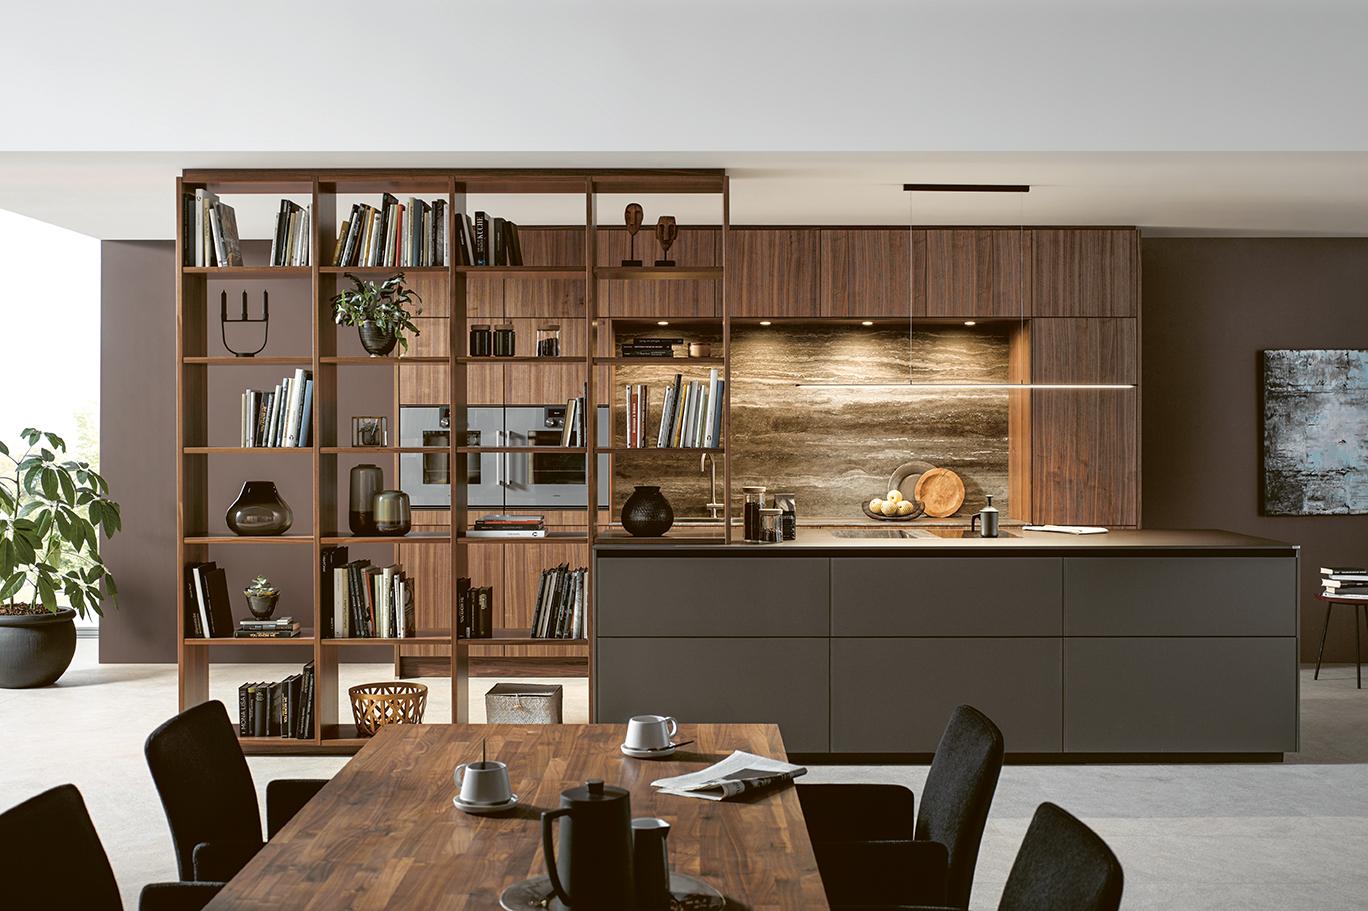 vue globale habitat moderne avec salon et cuisine aménagée intégrée moderne et unique influence contemporaine